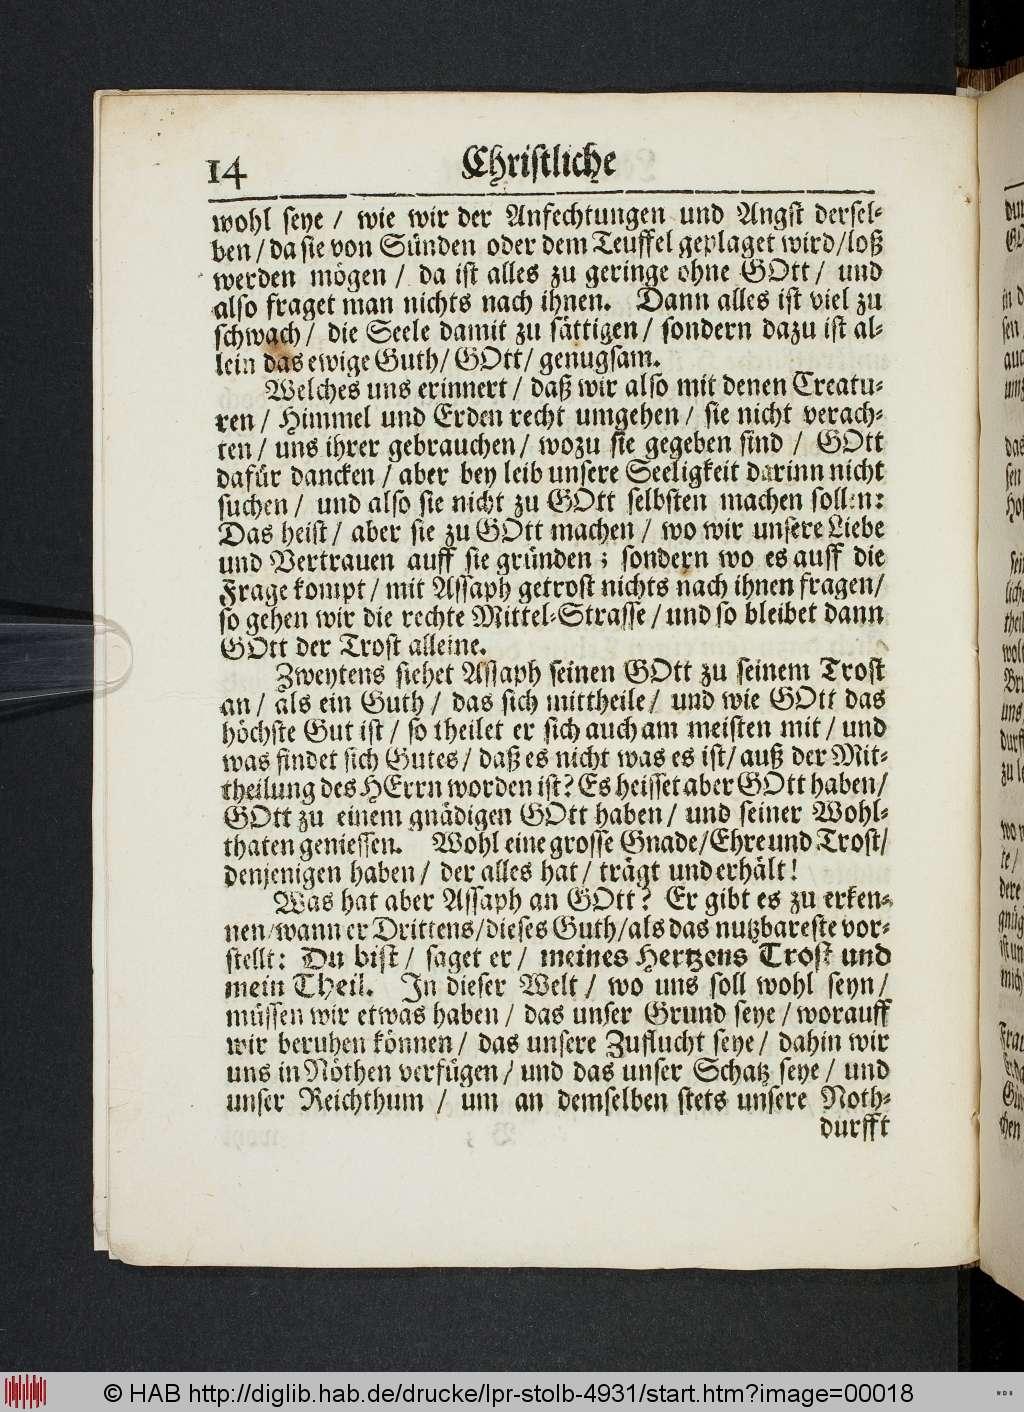 http://diglib.hab.de/drucke/lpr-stolb-4931/00018.jpg